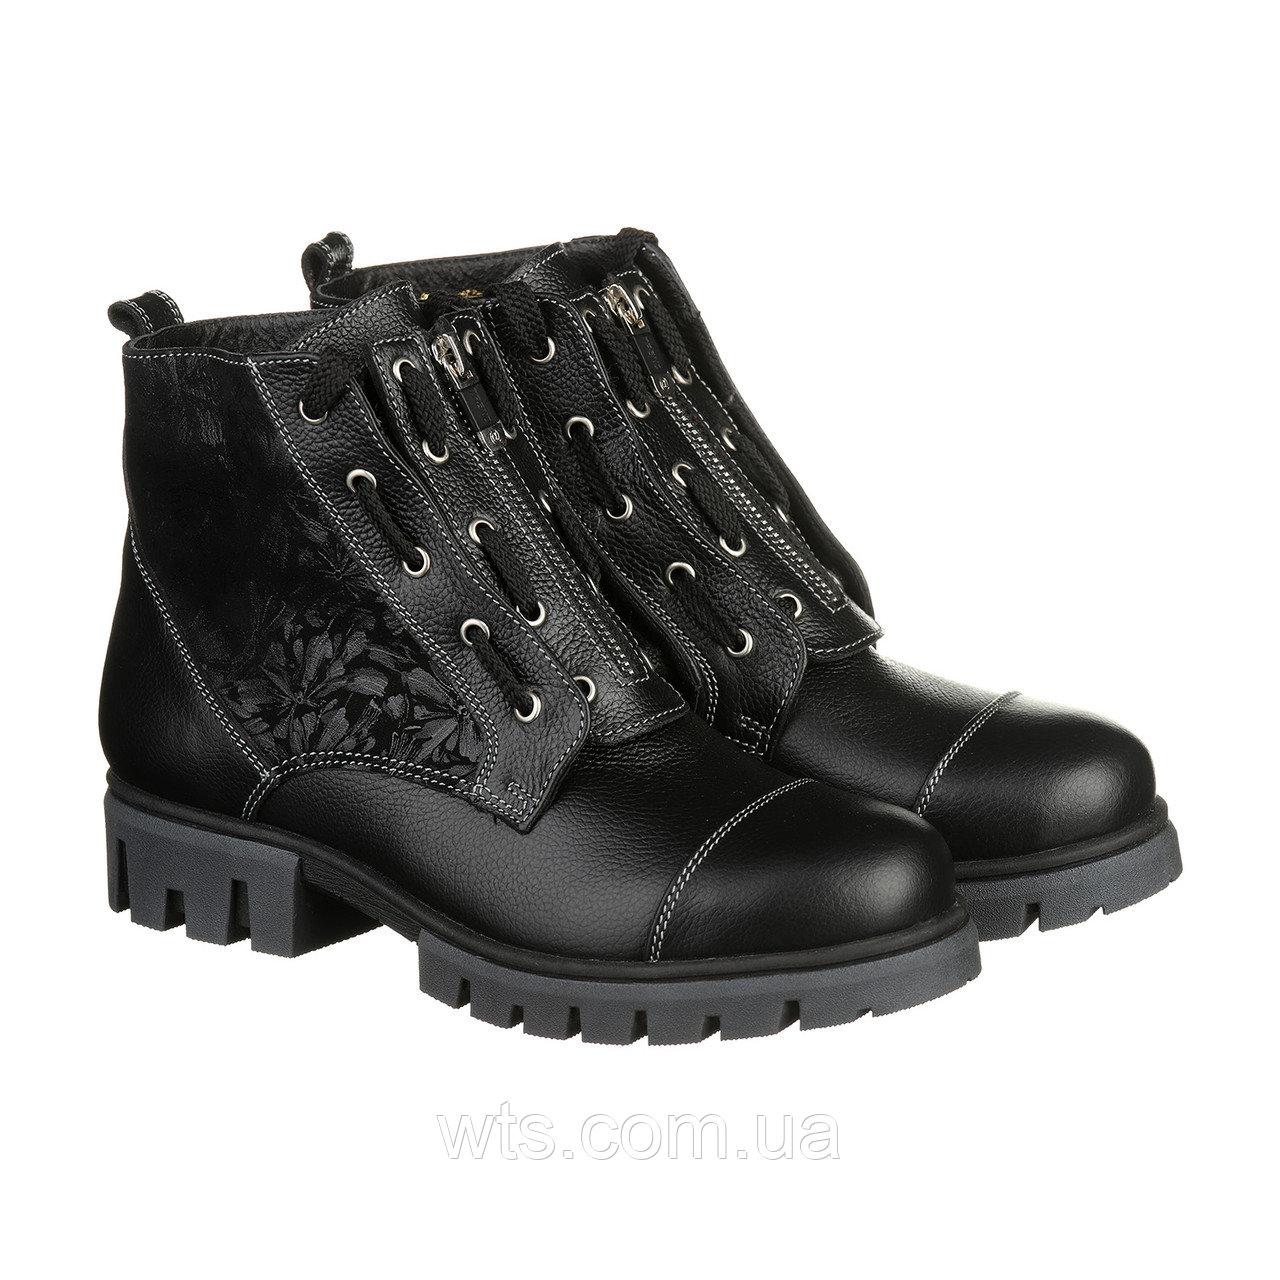 VM-Villomi Стильные ботинки на зиму с декорированной голенью